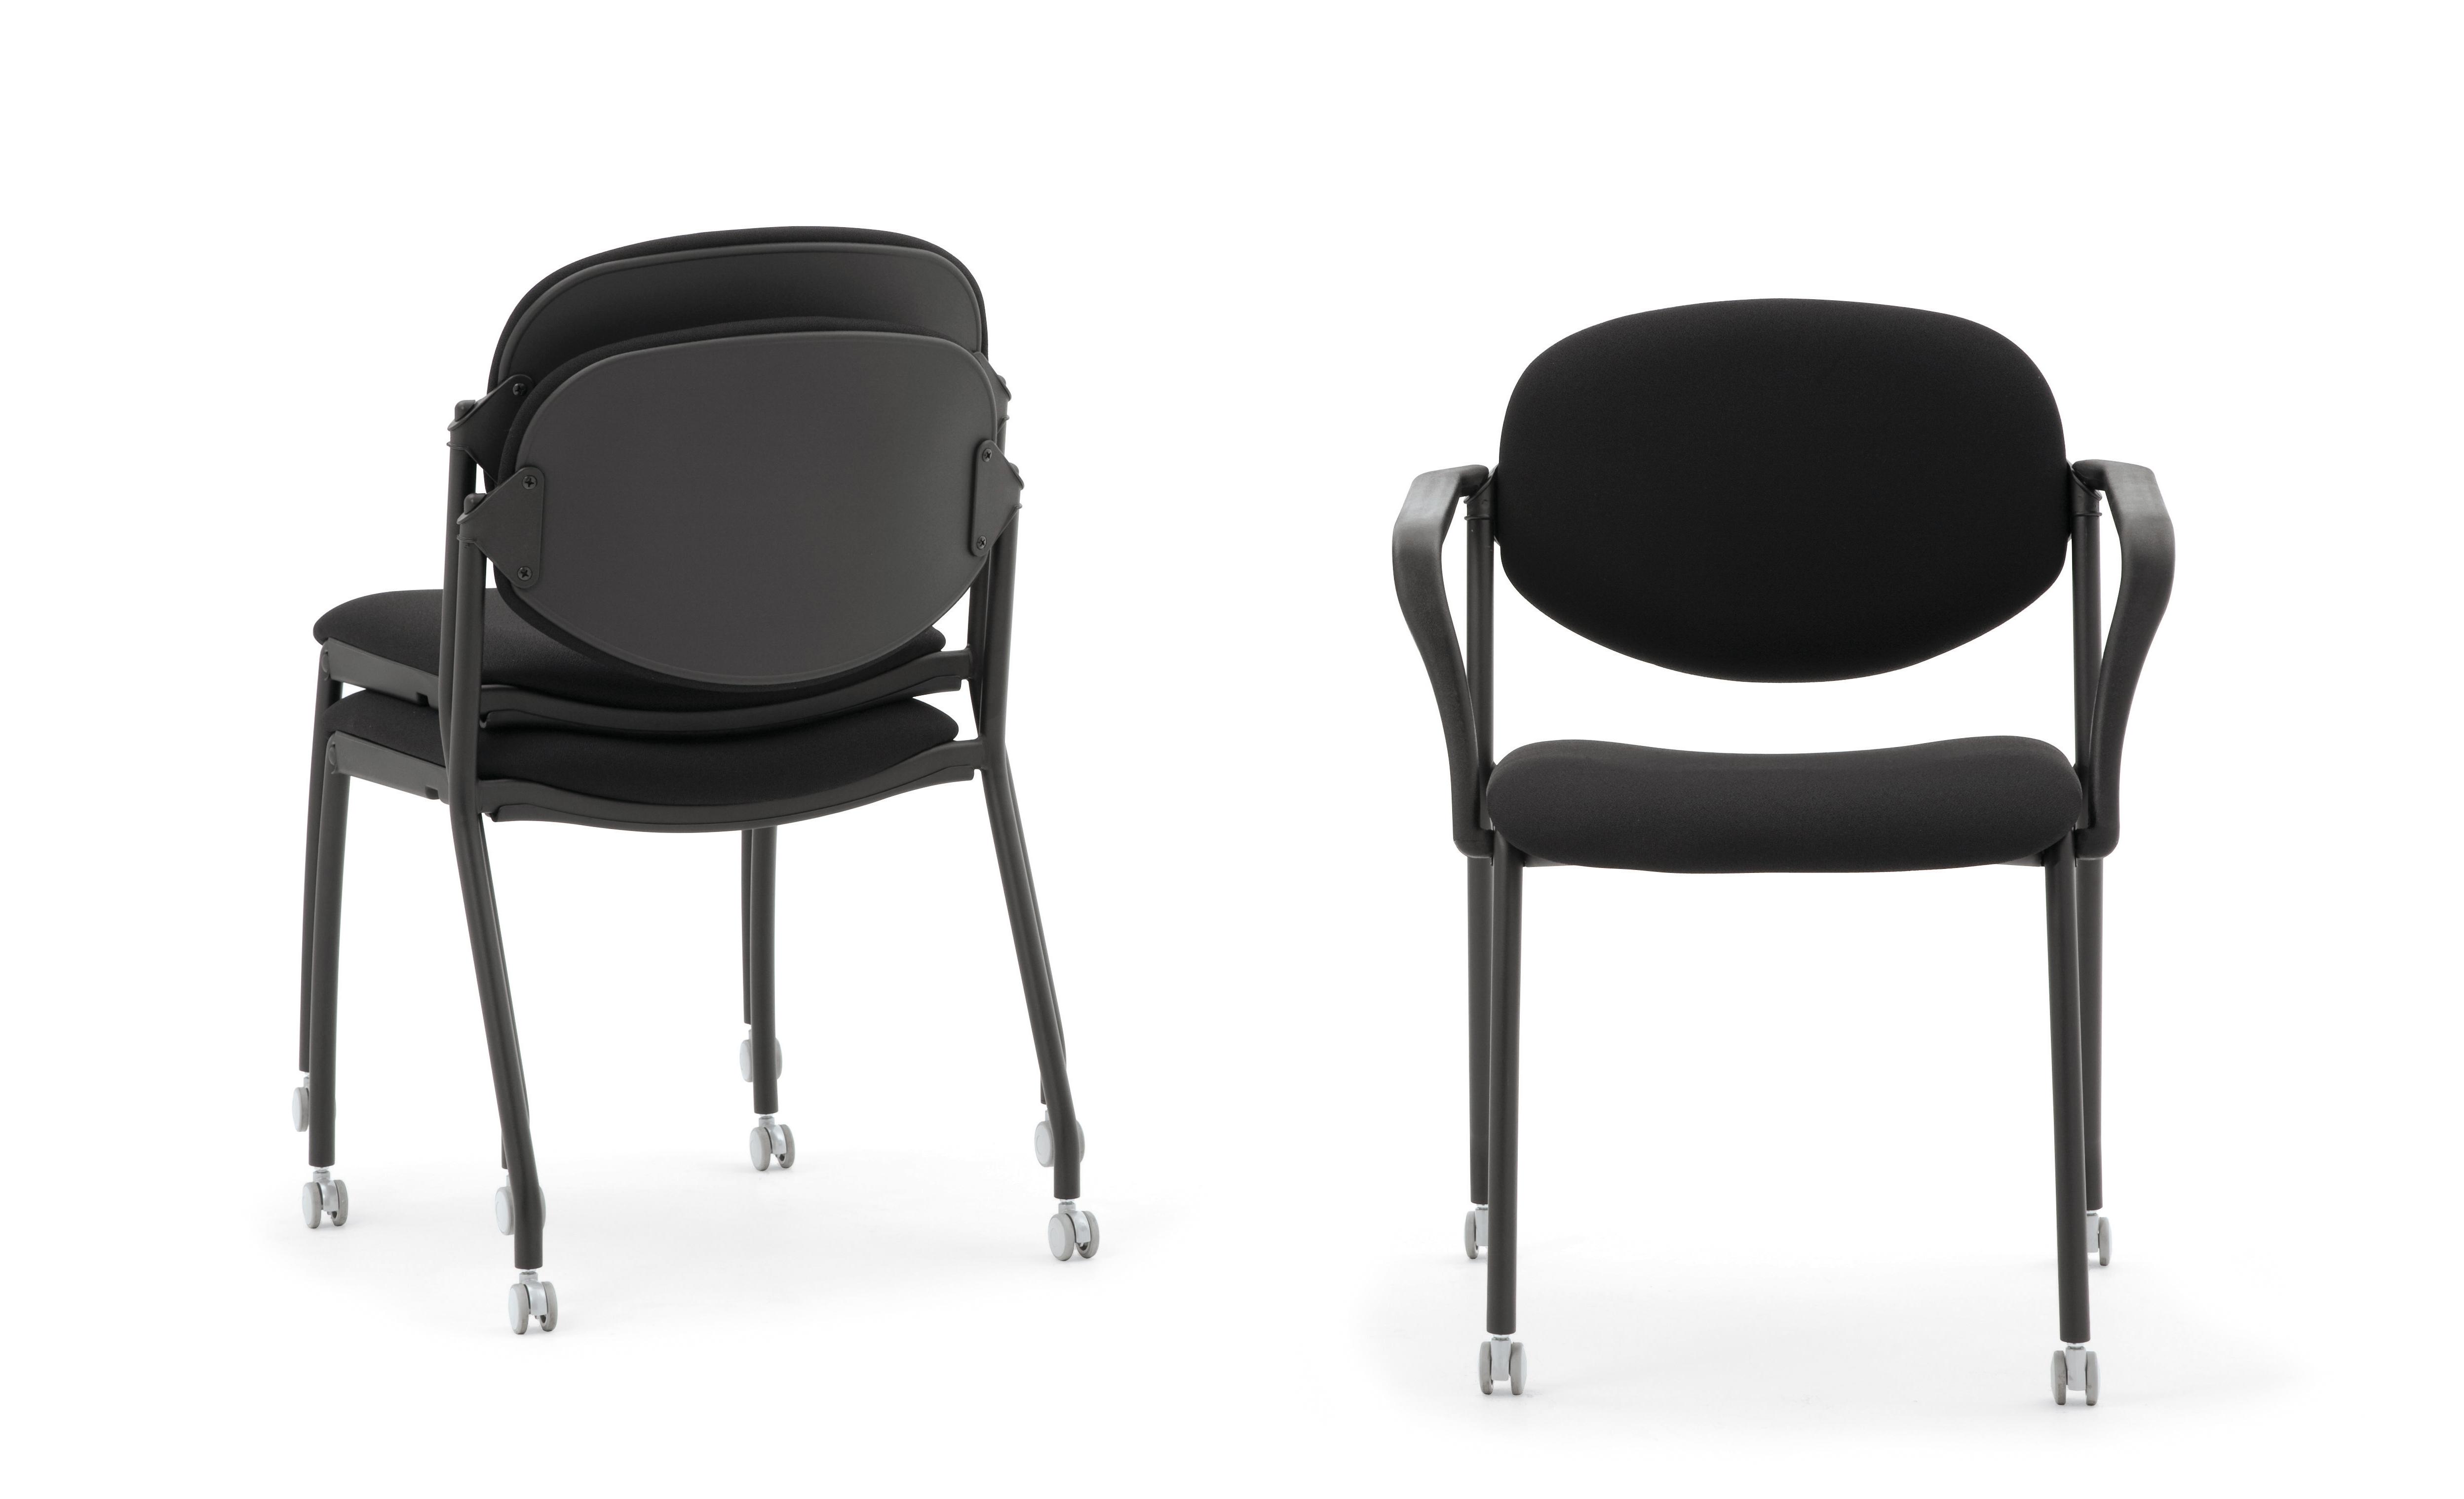 Sedie da scrivania senza rotelle idea del concetto di - Rotelle per sedie ufficio ...